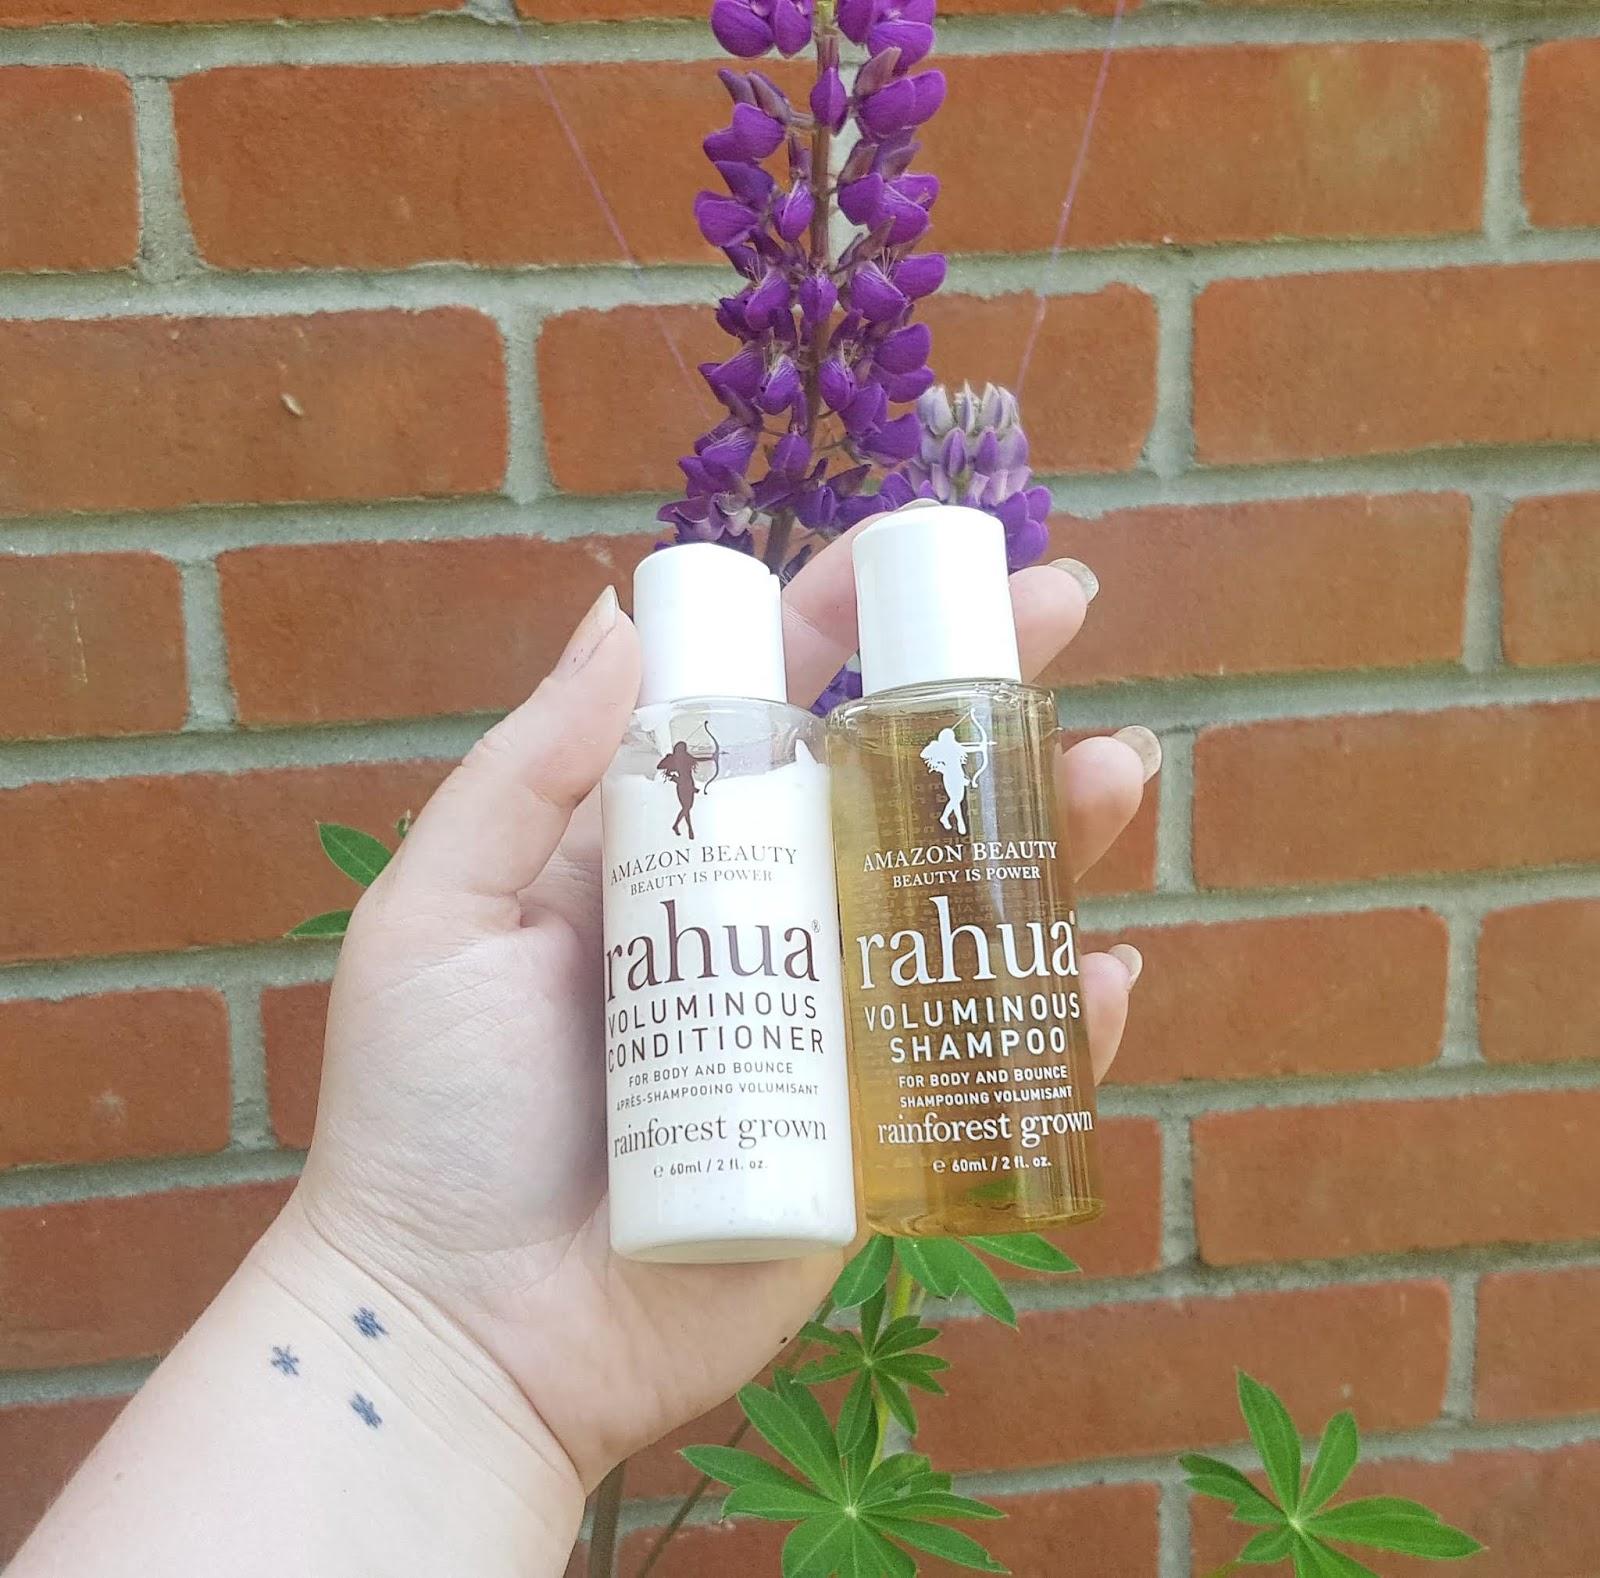 Rahua Voluminous Shampoo, Rahua Voluminous Conditioner Review